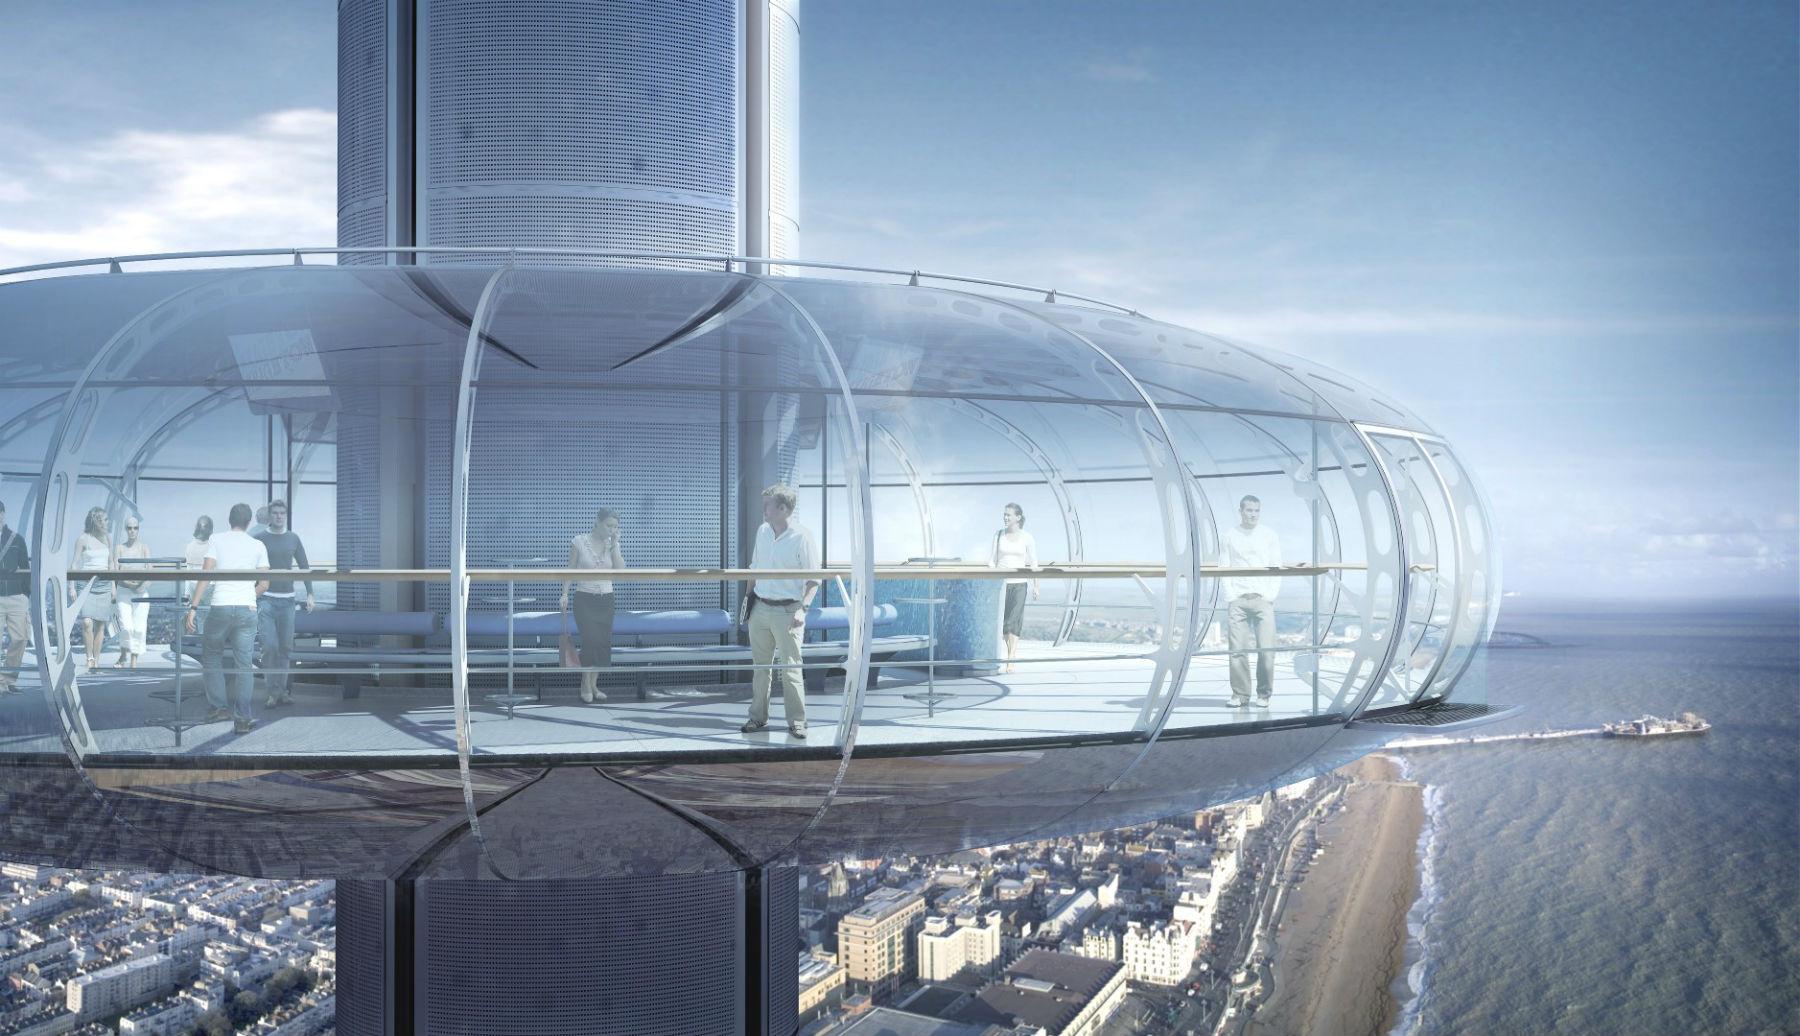 Com ares futuristas, o mirante da torre alcança até 42 km de distância